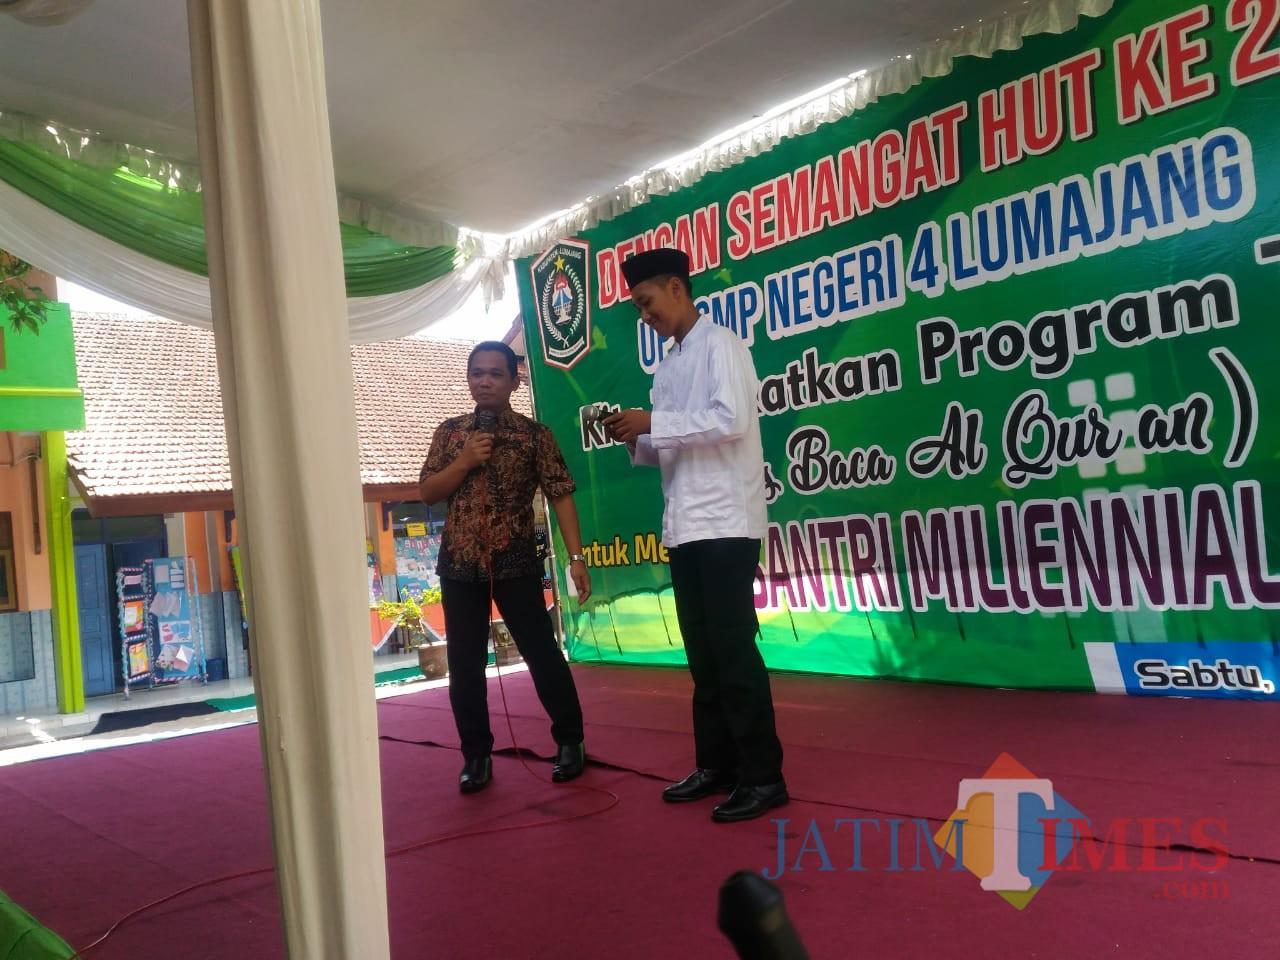 Bupati Lumajang H. Thoriqul Haq ketika berdialog dalam bahasa Arab dengan siswa SMPN 4 Lumajang (Foto : Moch. R. Abdul Fatah / Jatim TIMES)